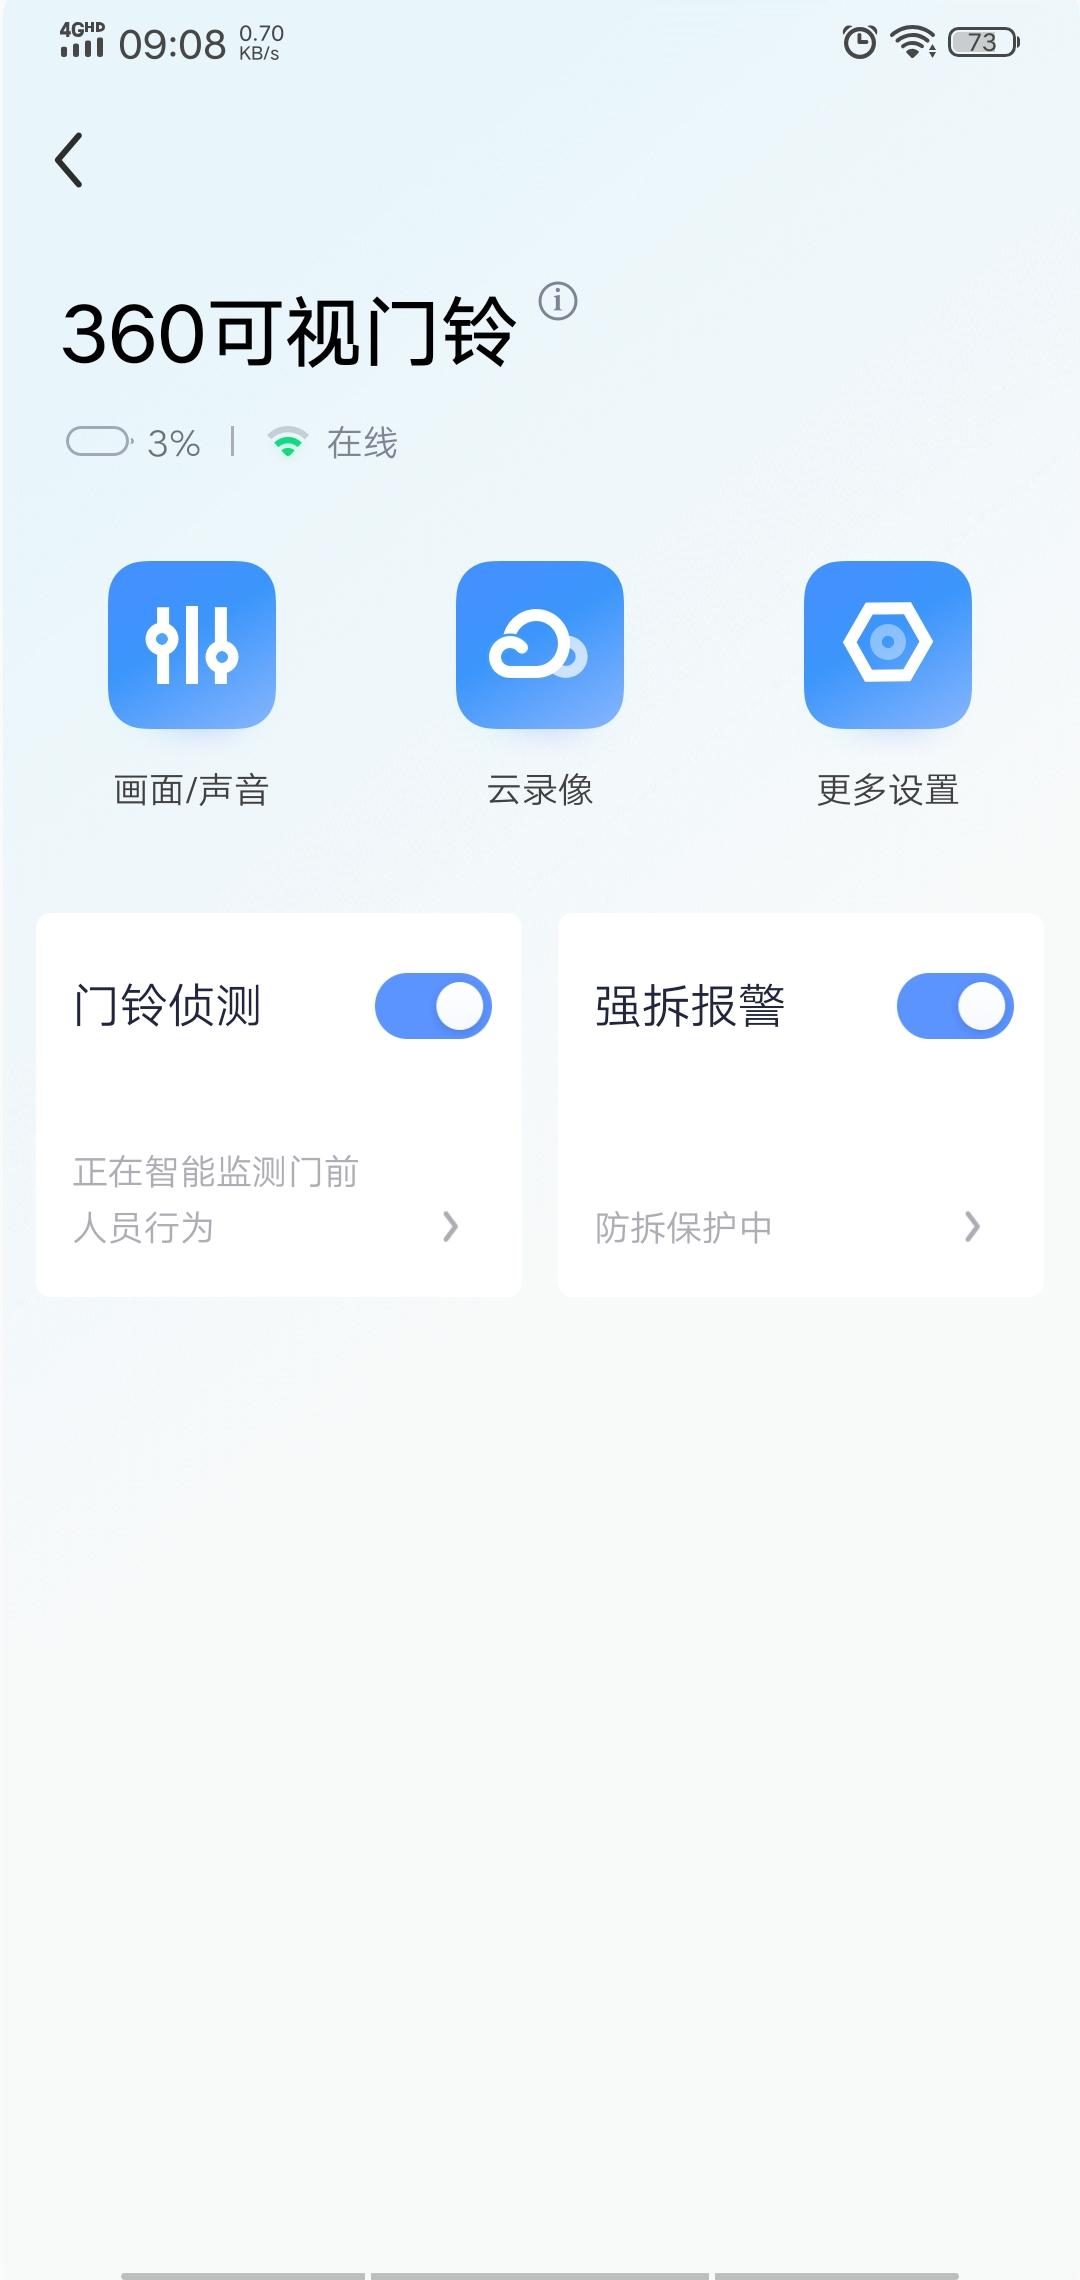 Screenshot_20200224_090832.jpg